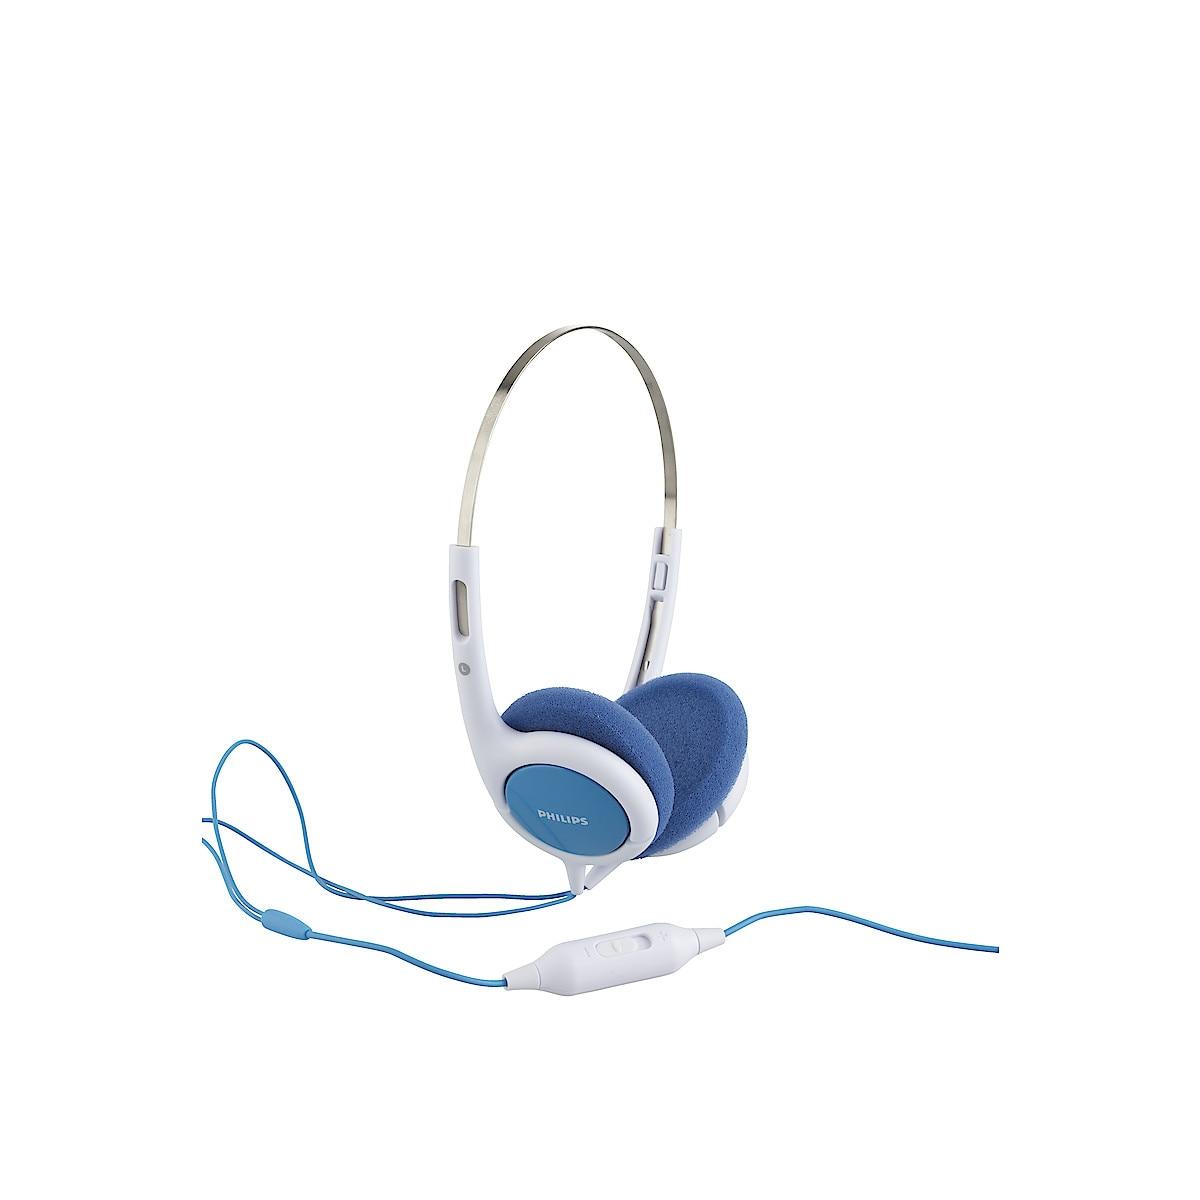 Headset for barn, Philips SHK 1030